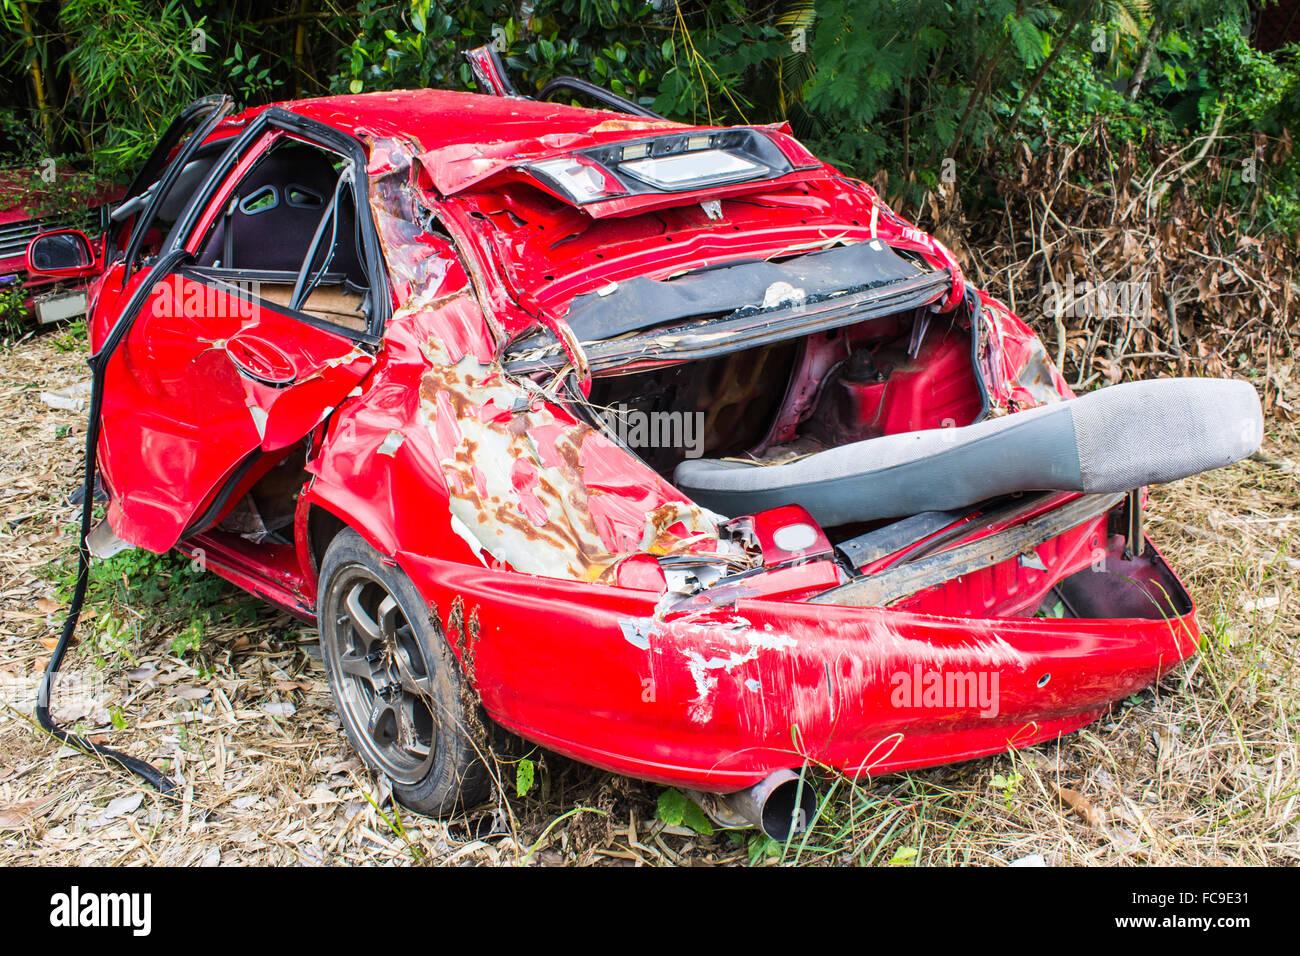 crashed cars Stock Photo, Royalty Free Image: 93636341 - Alamy